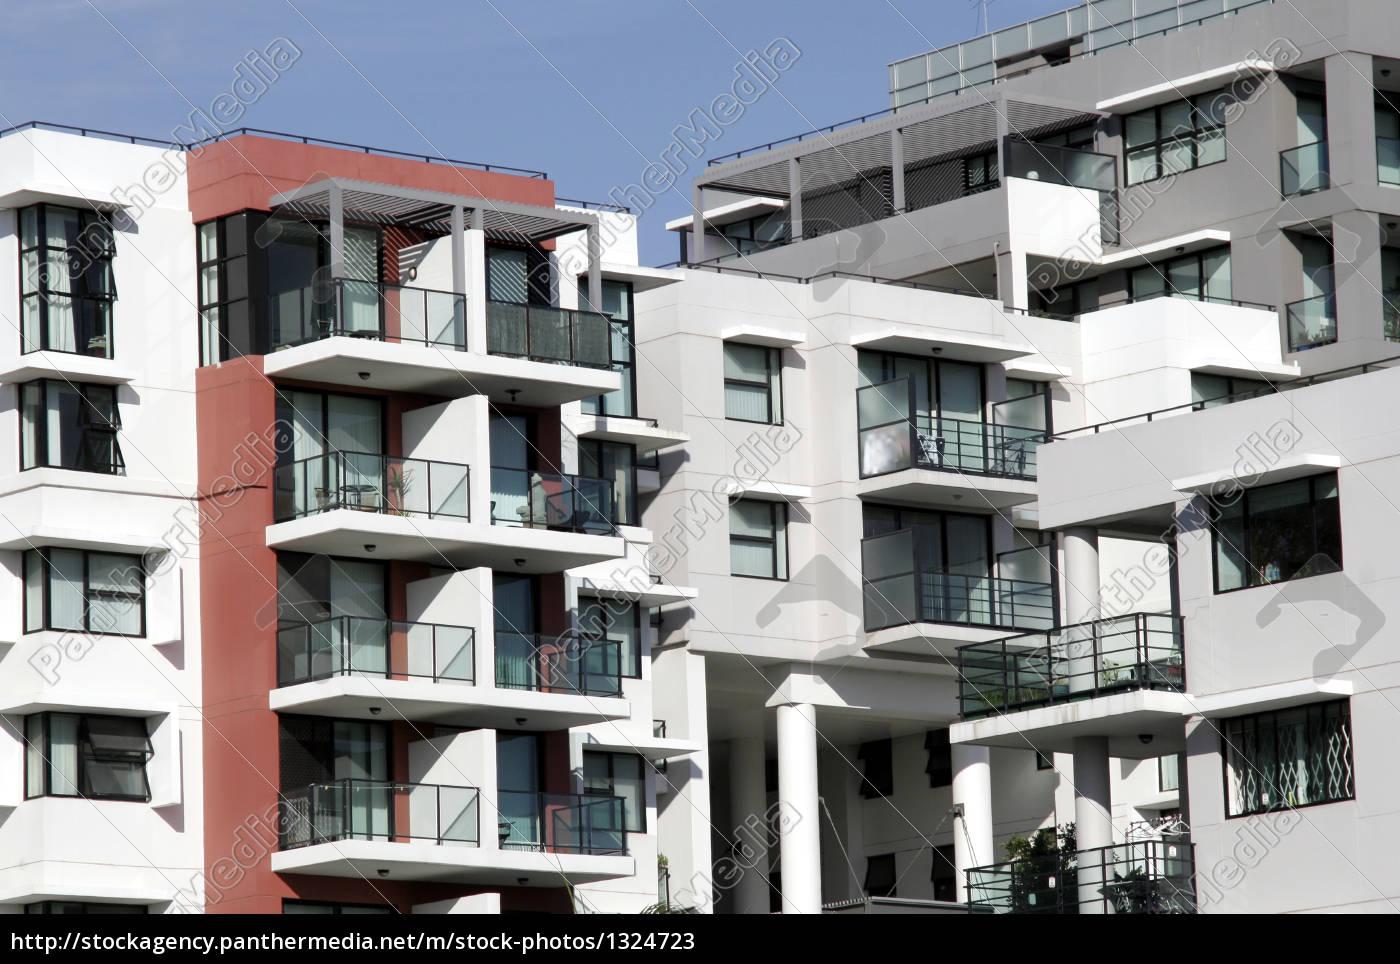 apartment, building - 1324723